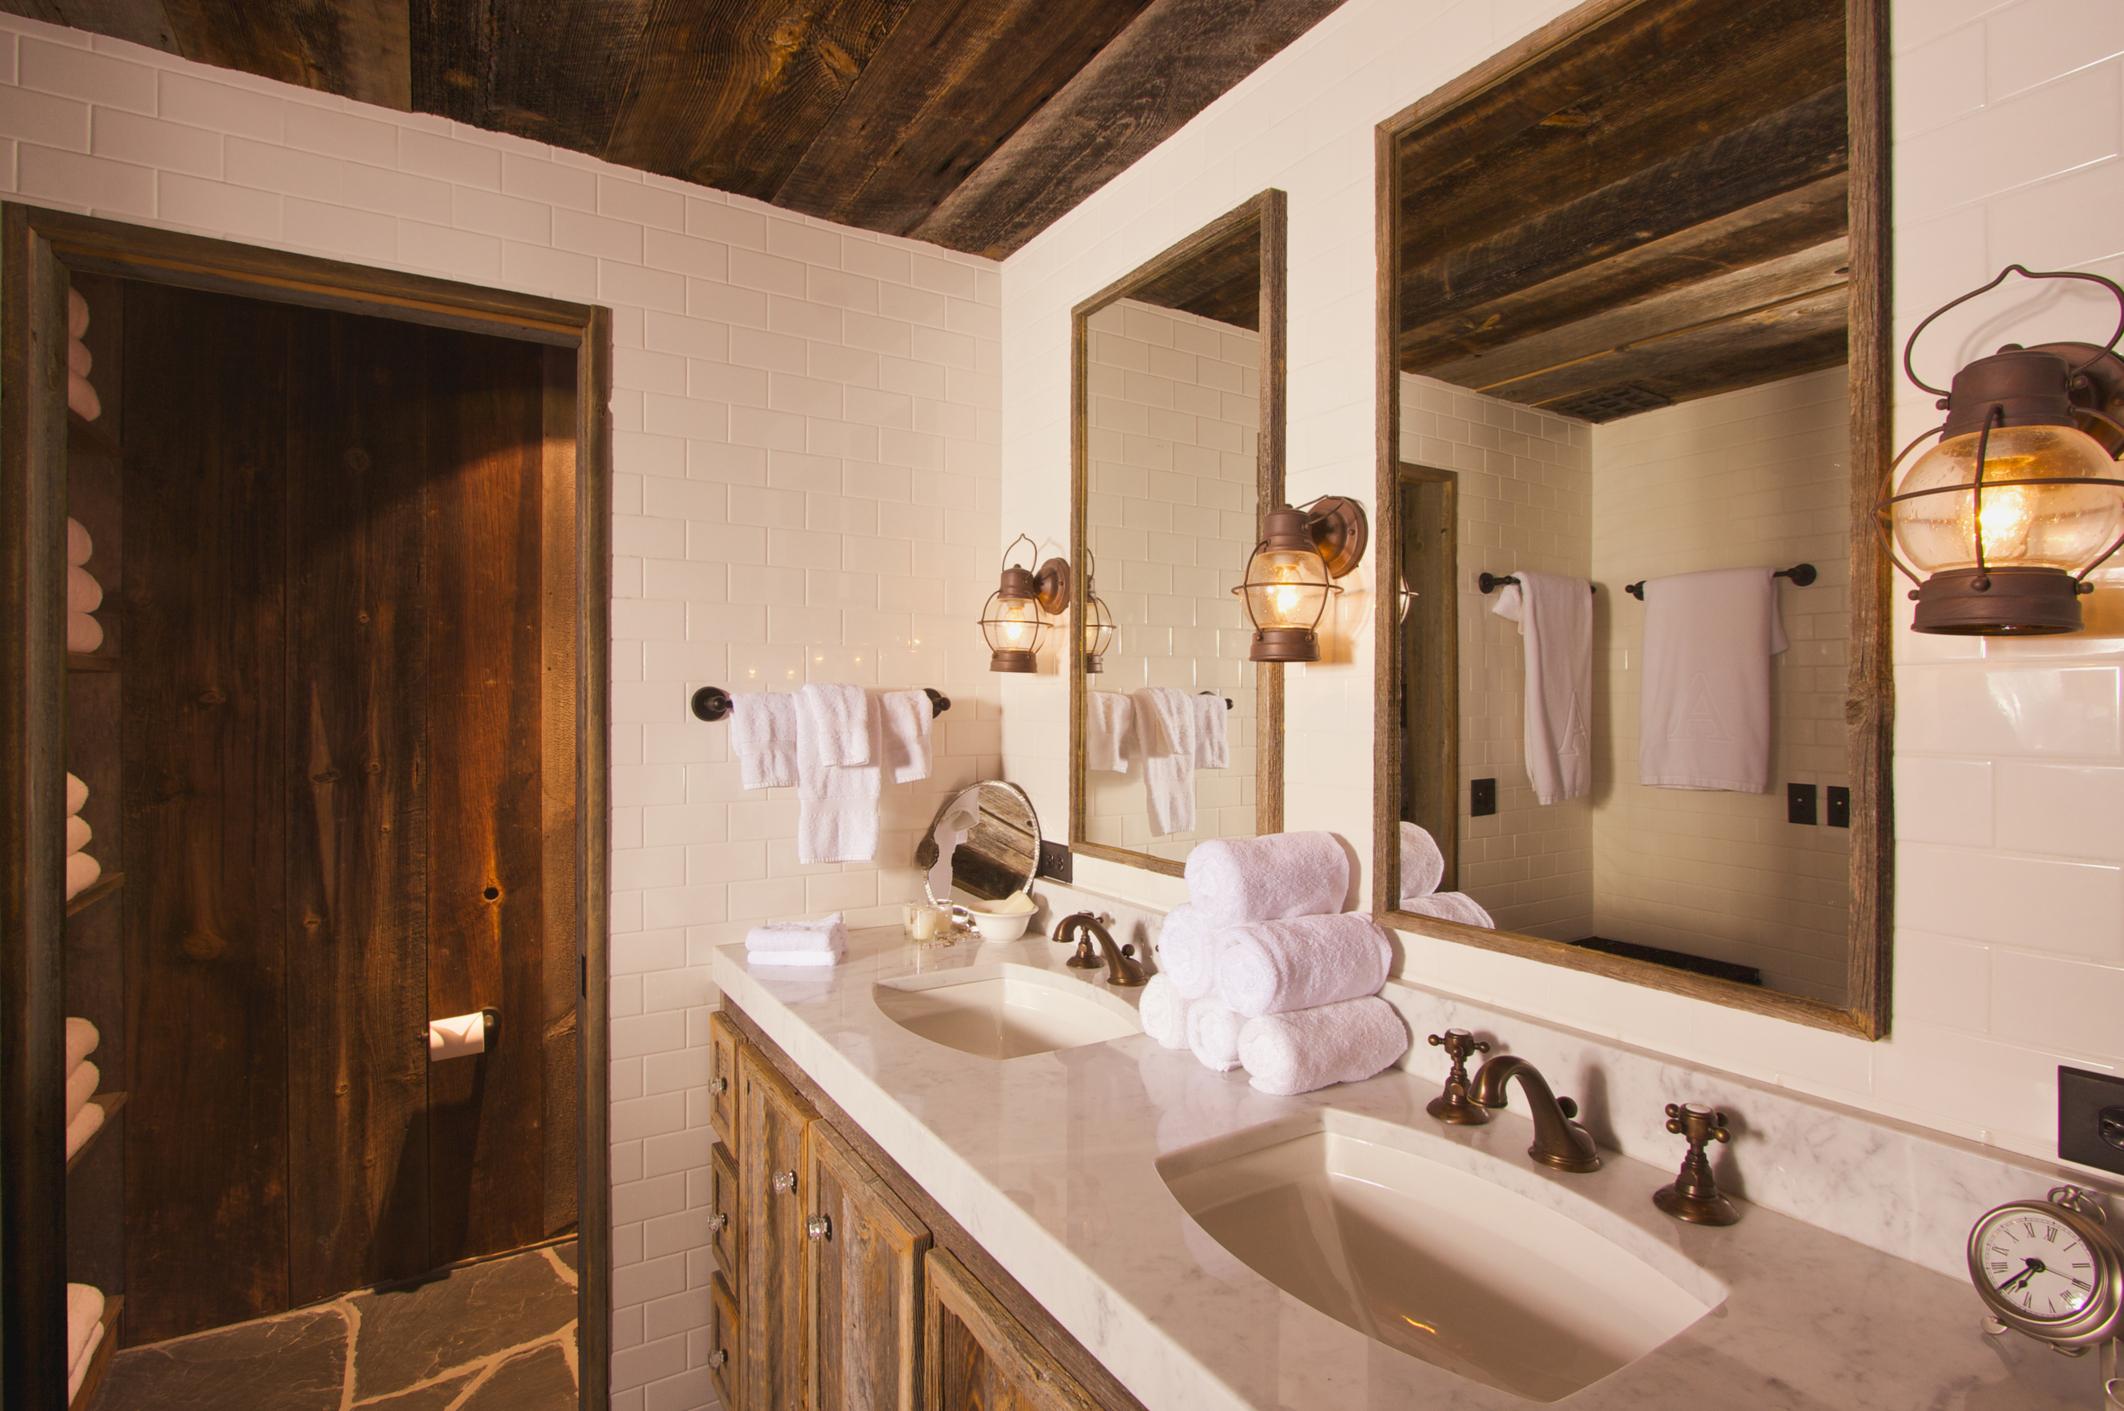 Fundamenta – Otthonok és megoldások Rusztikus fehér fürdőszoba - Fundamenta - Otthonok és megoldások